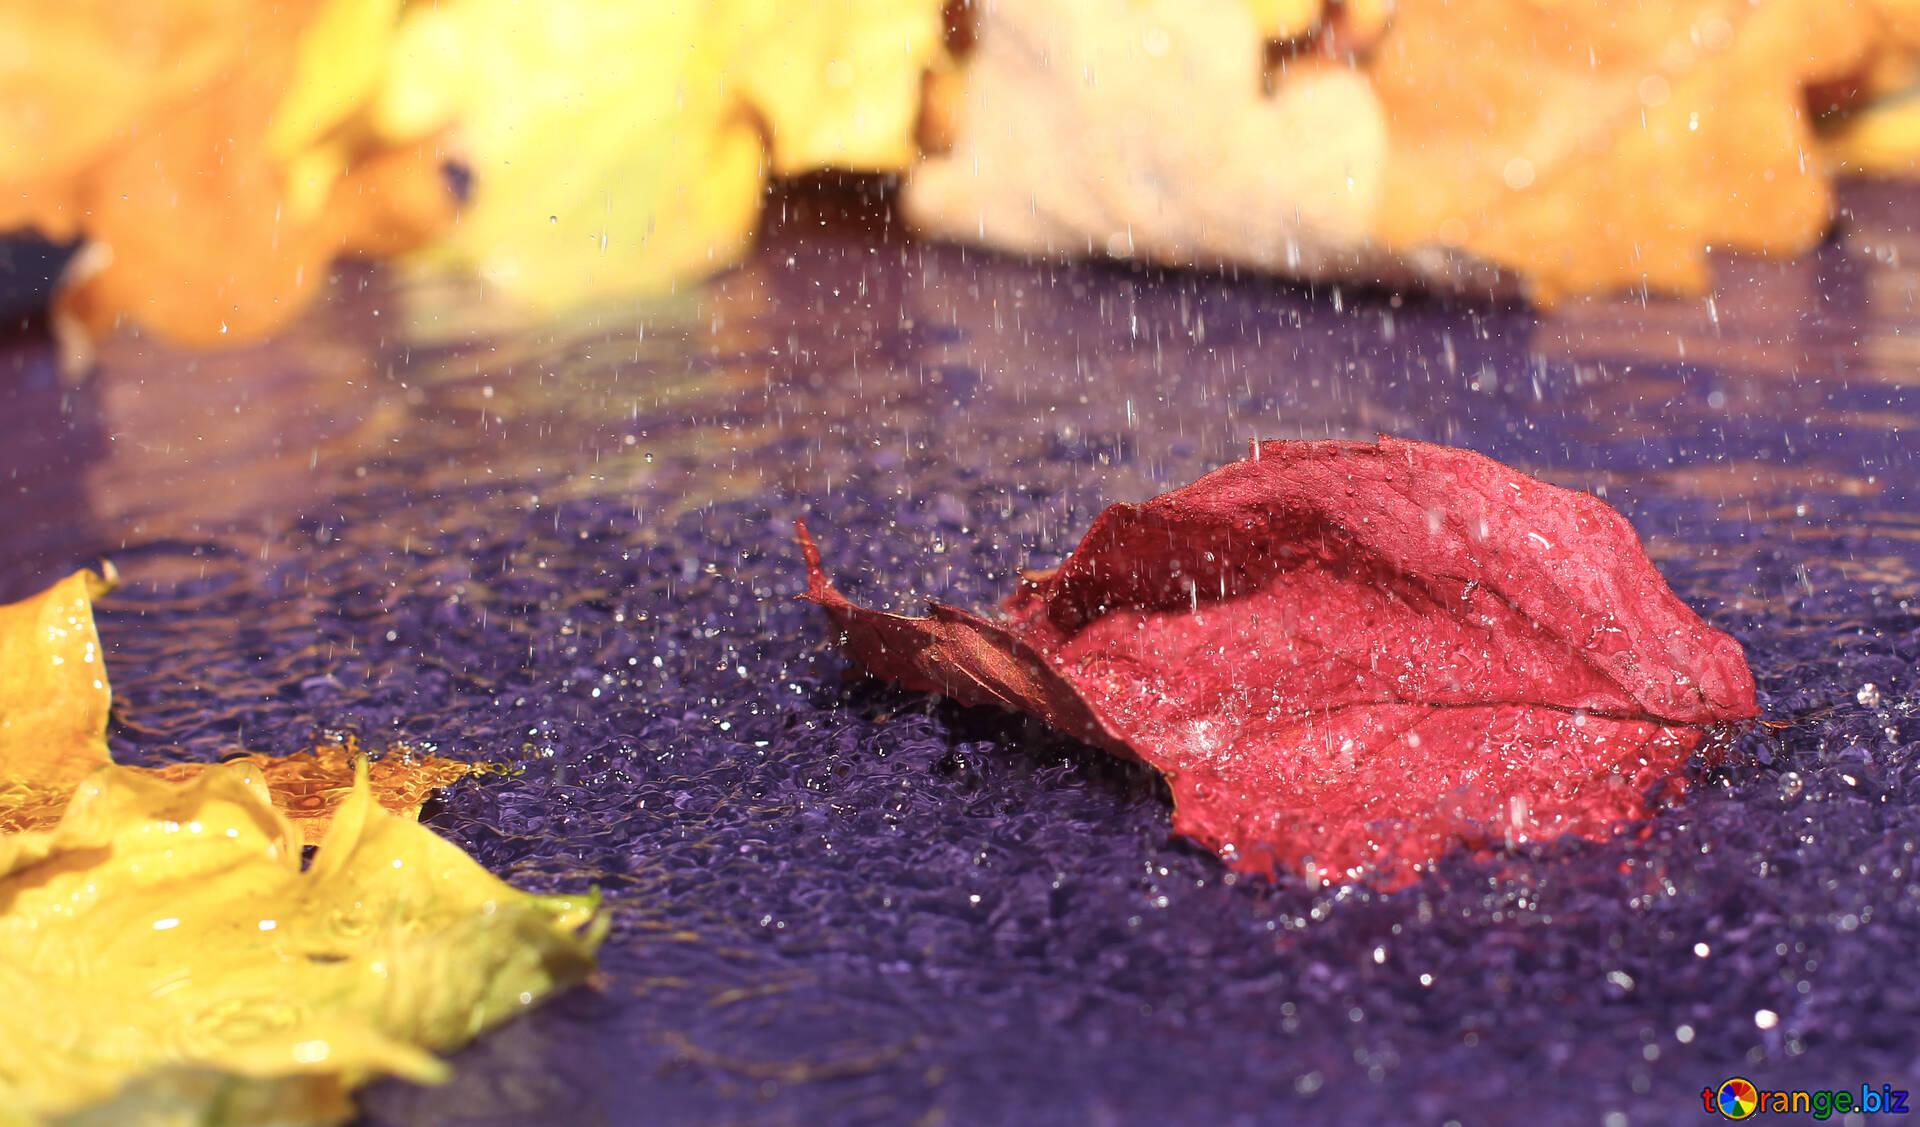 Herbstblatter Im Wasser Herbst Hintergrundbilder Desktop